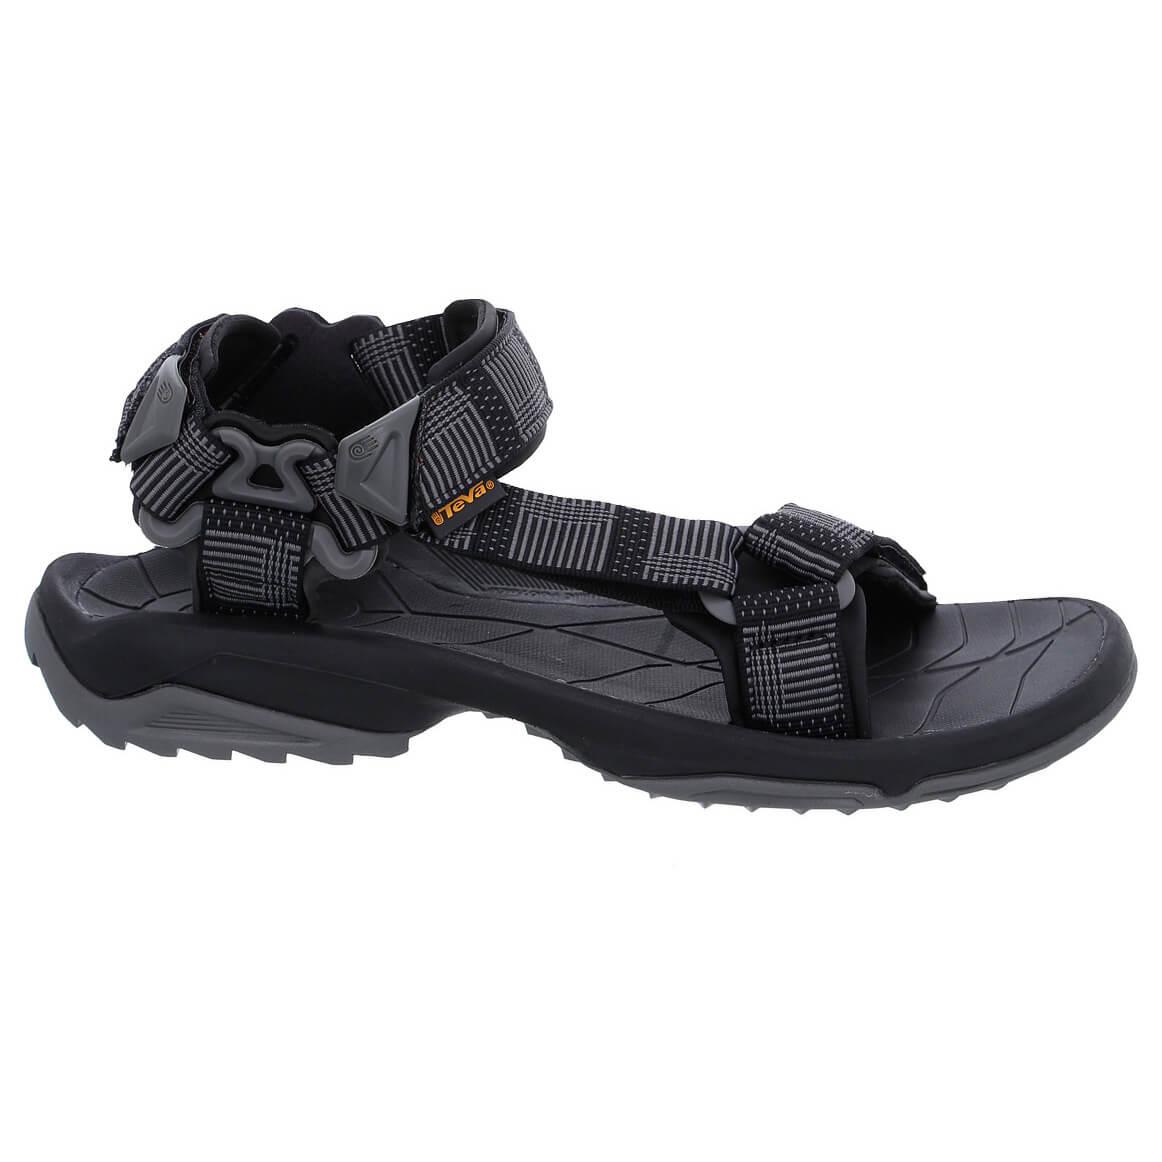 8a1975d3c31f Teva Terra Fi Lite - Sandals Men s